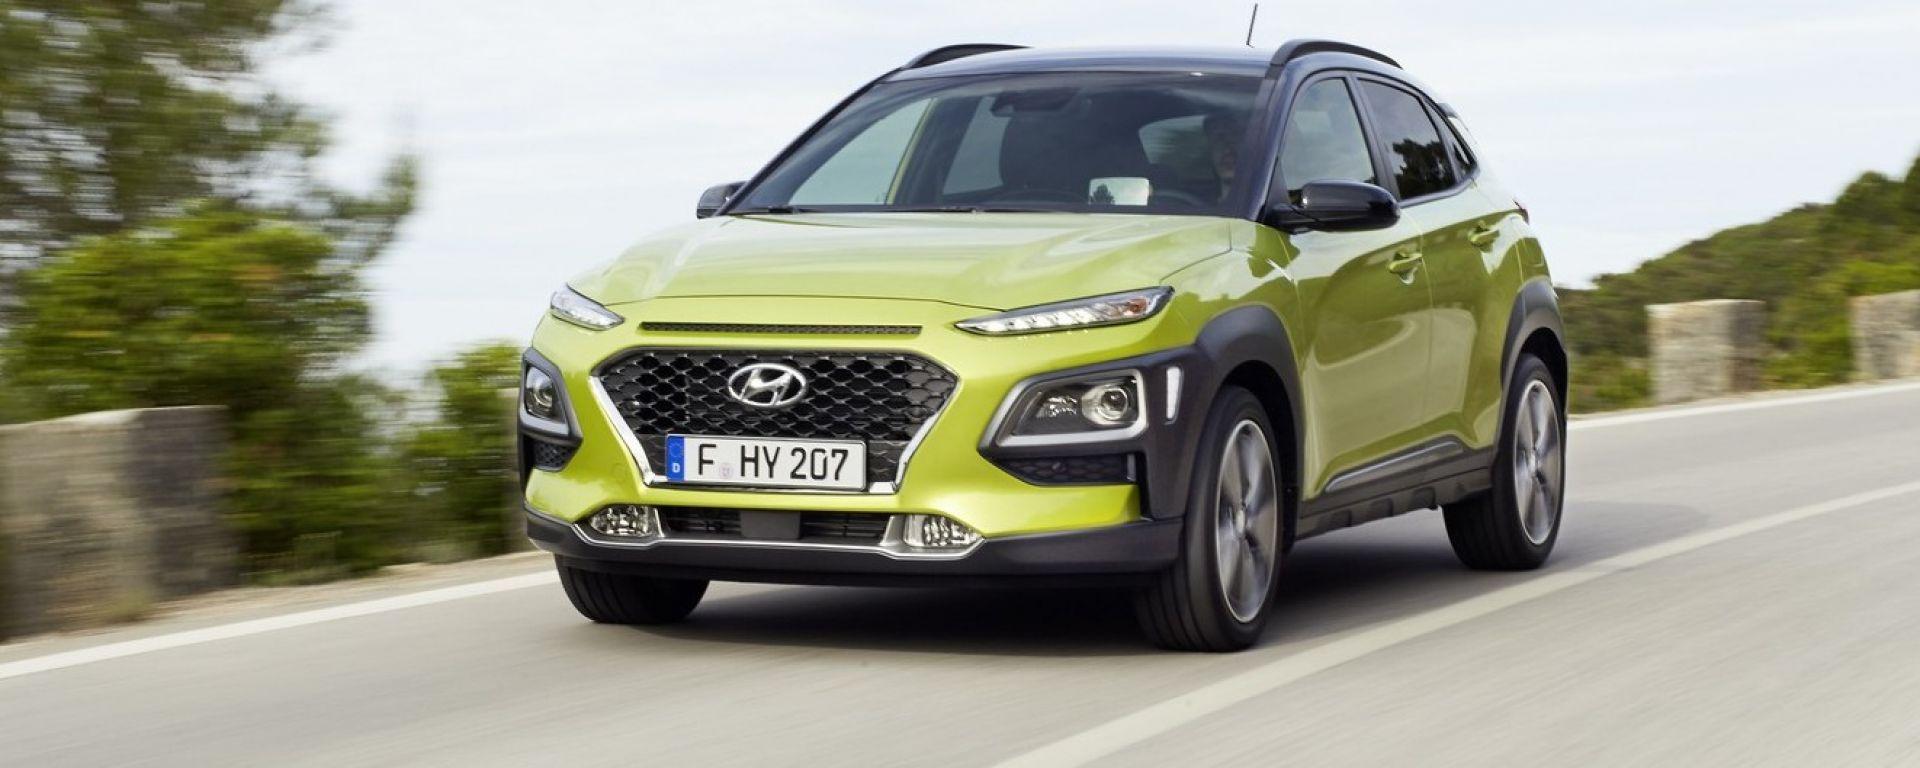 Hyundai Kona: ecco il suv di Iron-man [Video]